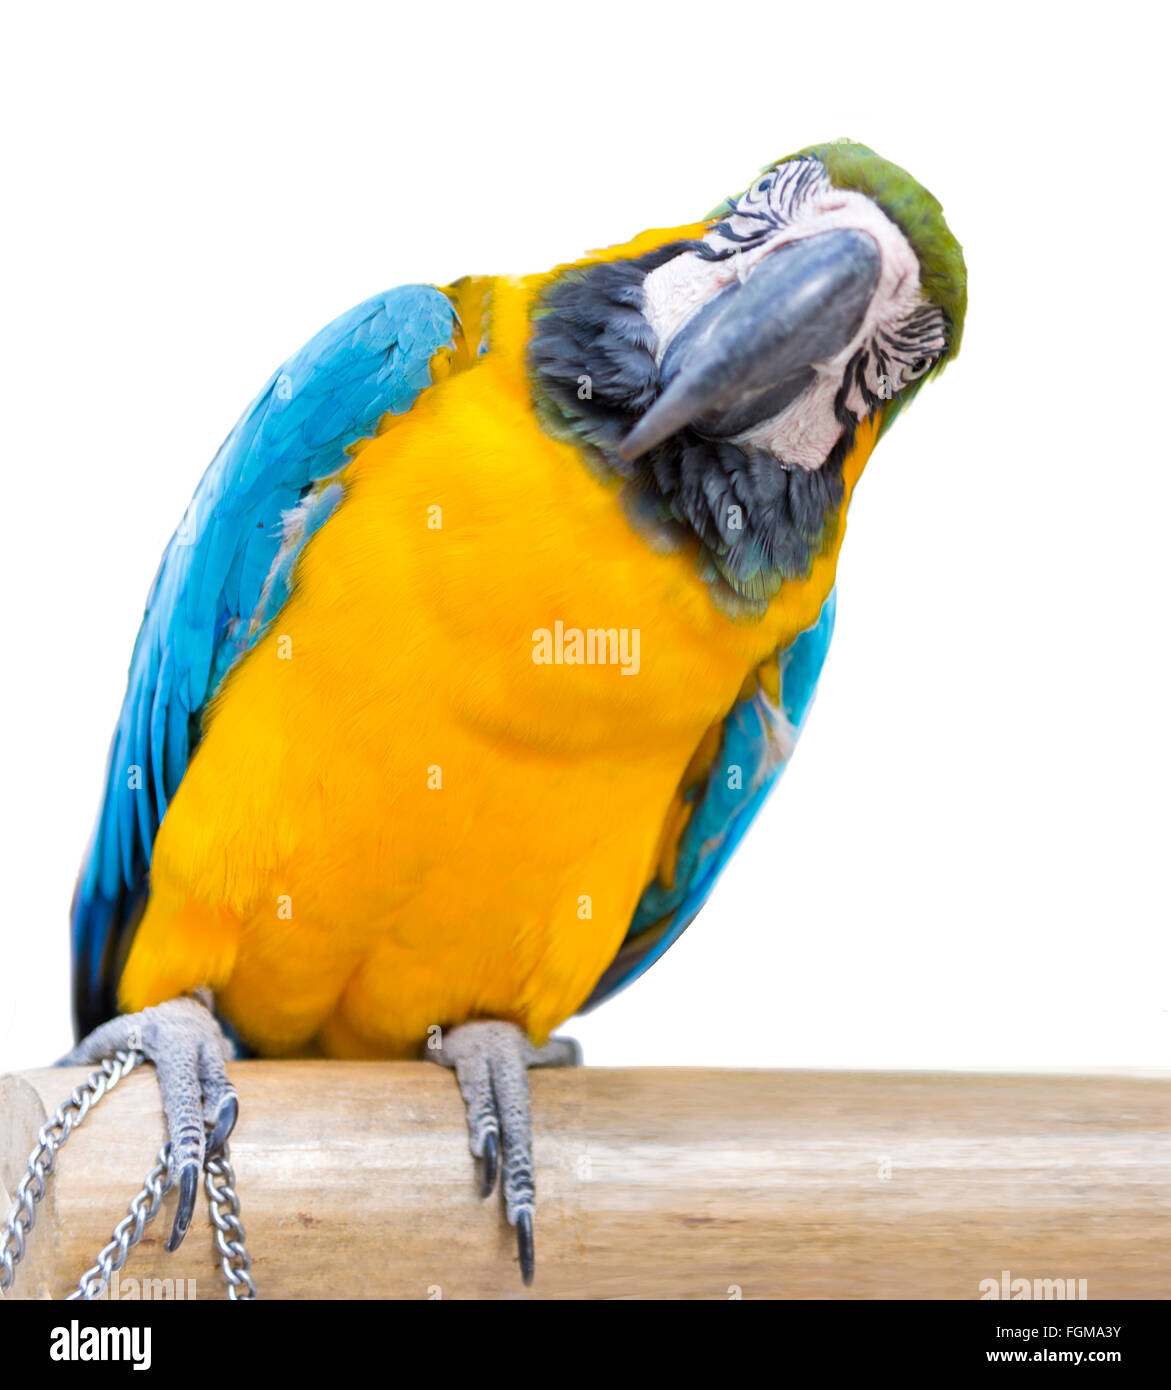 Animaux domestiques, oiseau, perroquet, ara, jaune, les animaux, les oiseaux, coloré, bleu, animal, multi, Photo Stock